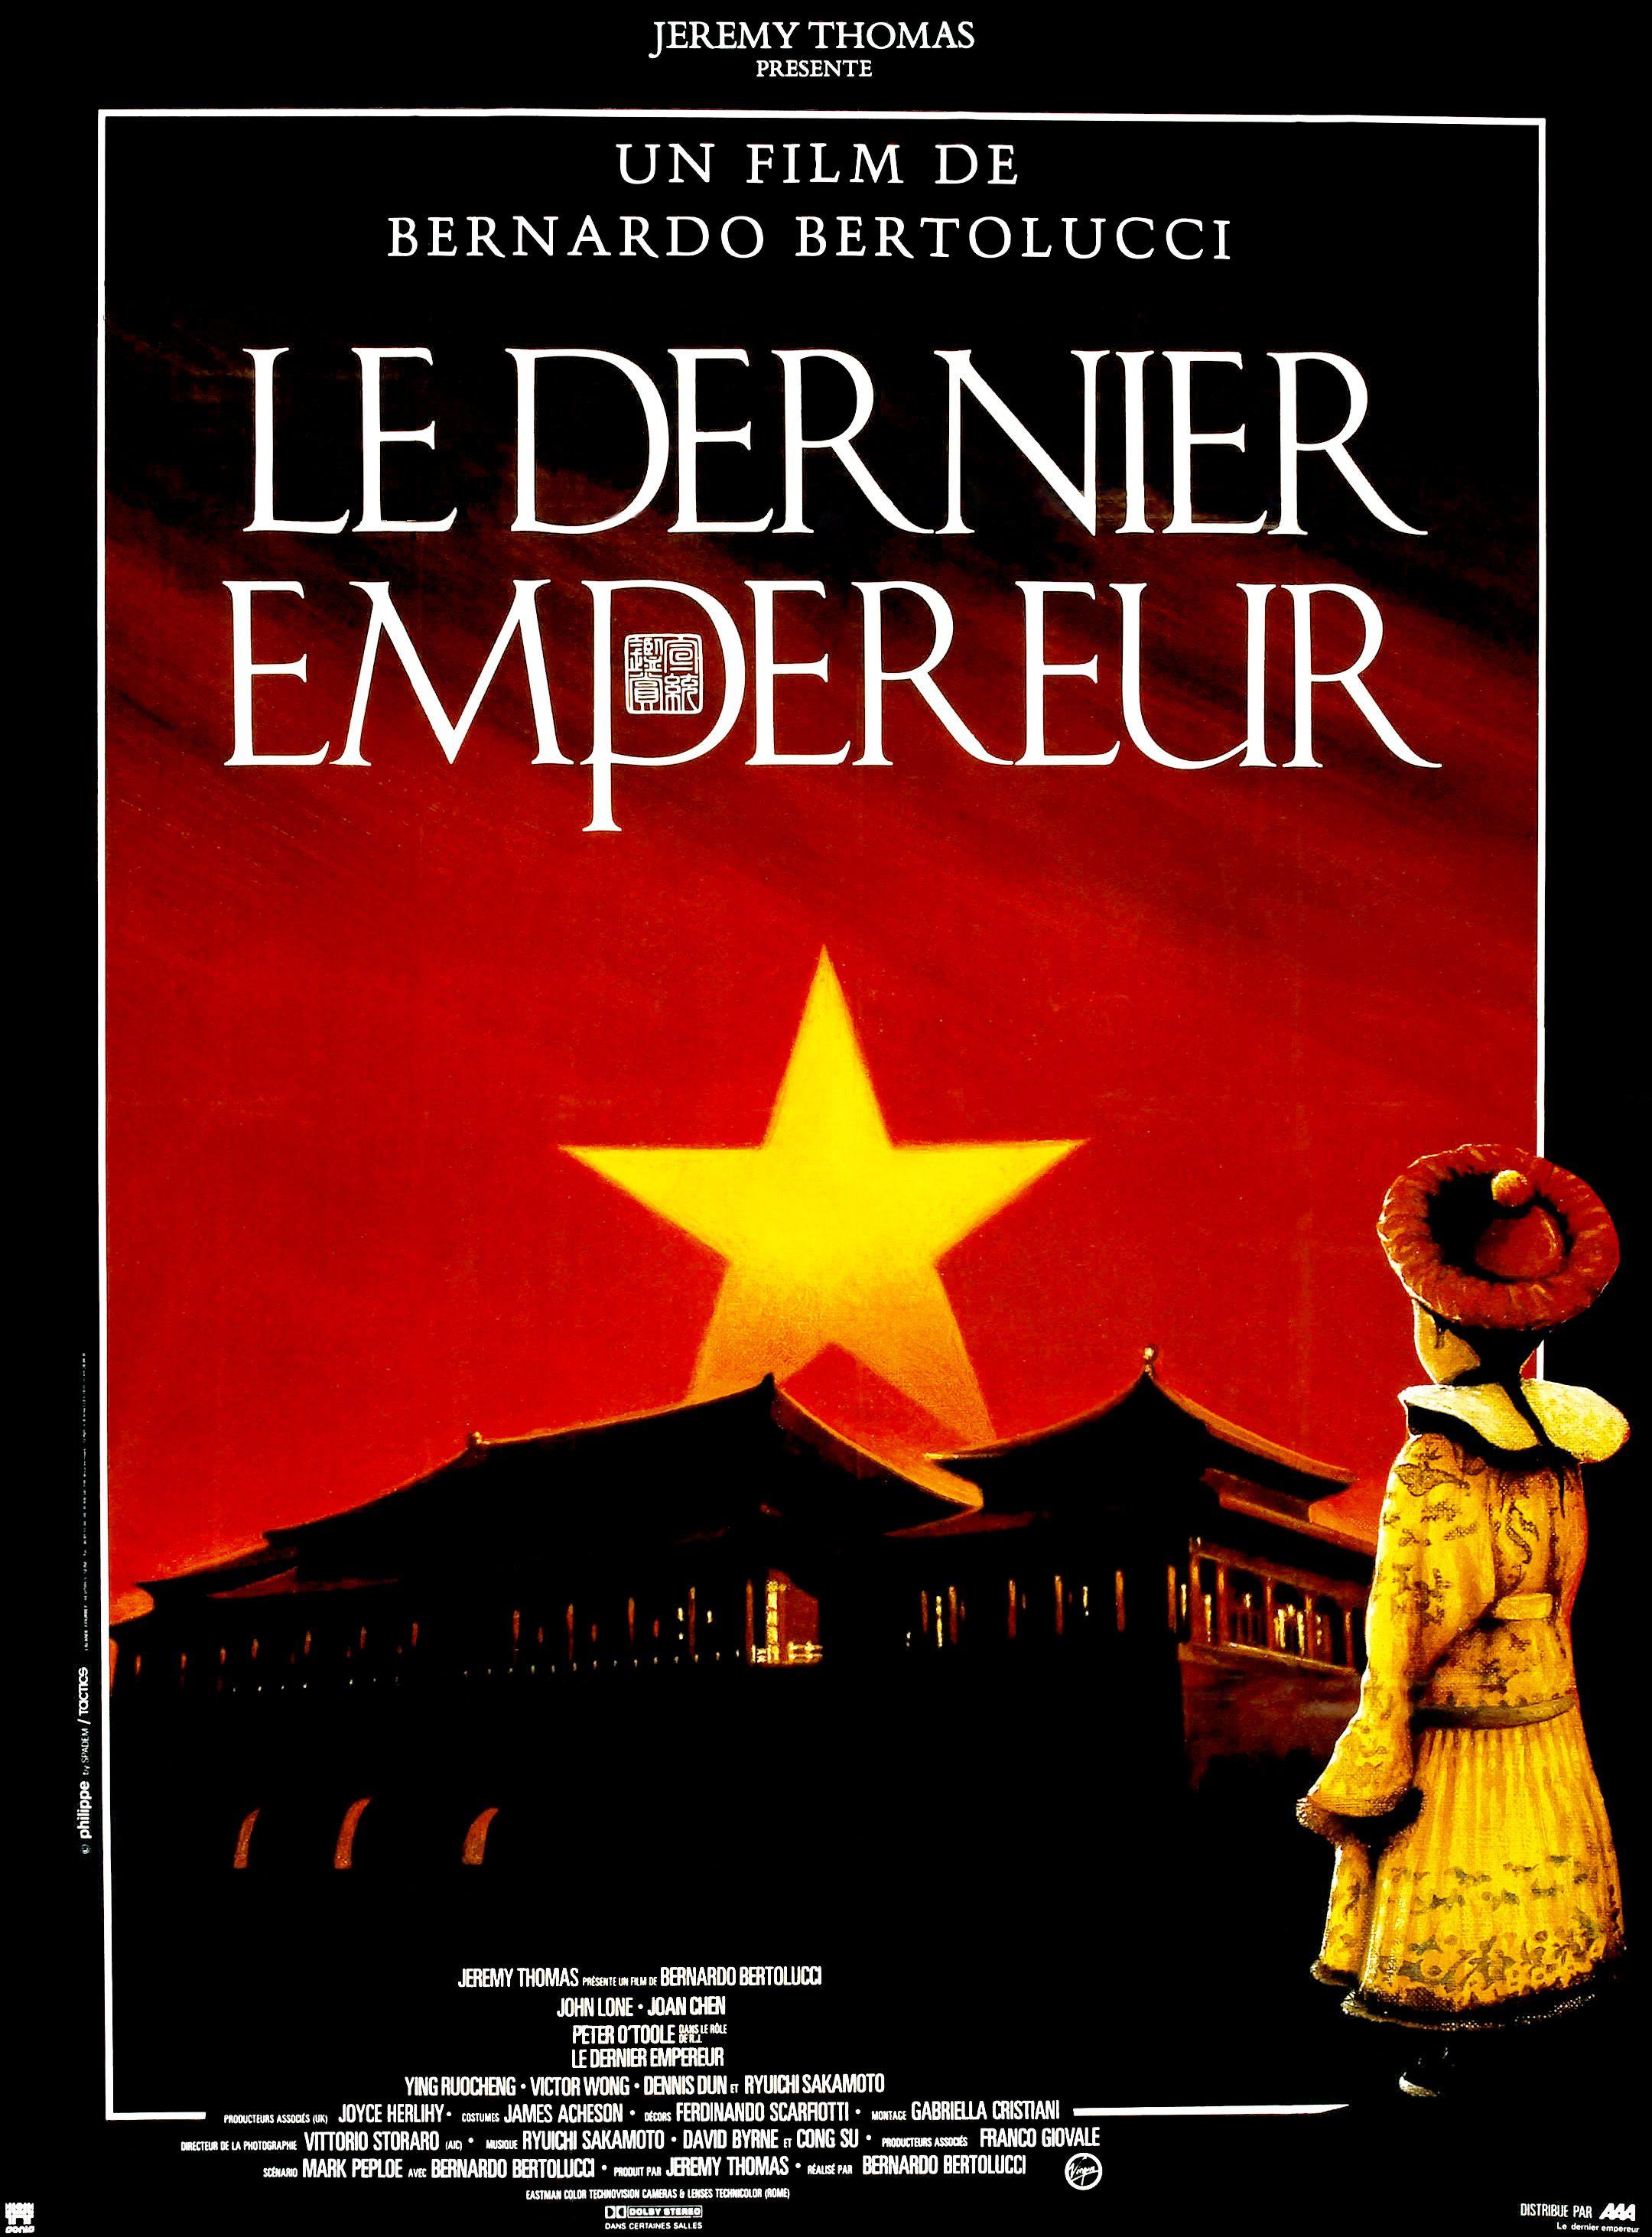 affiche du film Le dernier empereur